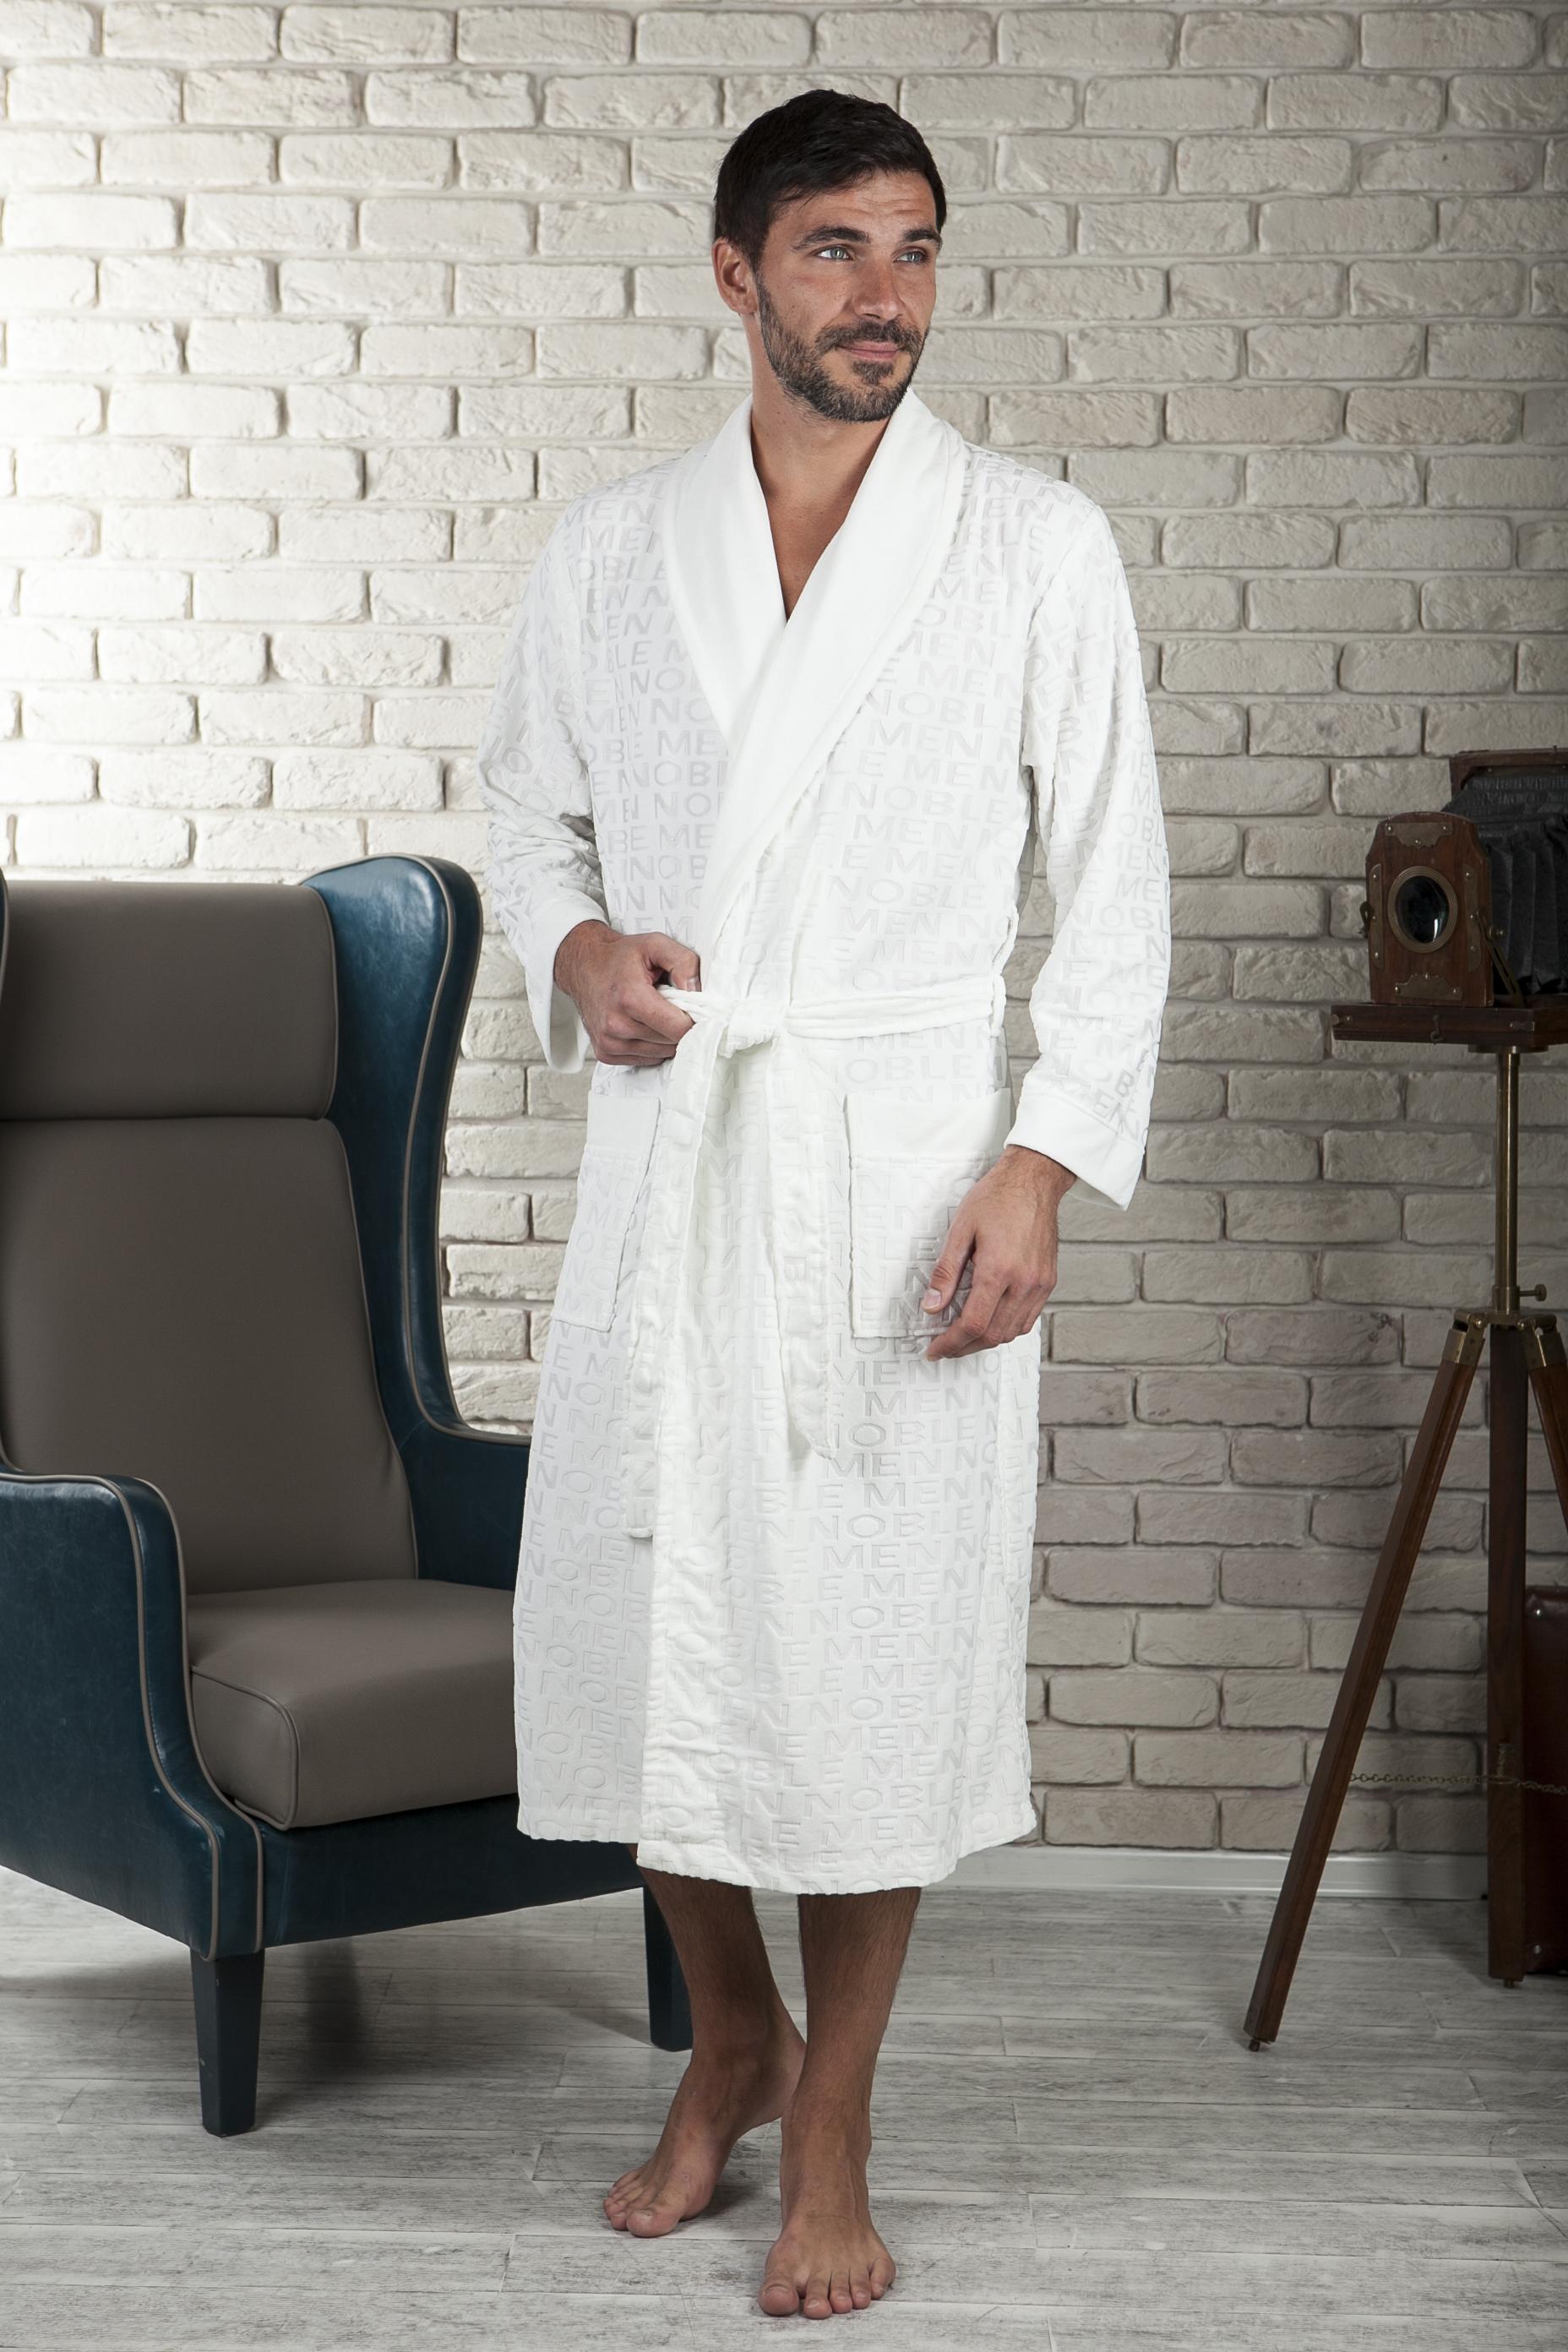 Халат463Облегченный мужской халат из тонкого бамбукового велюра с оригинальным принтом в виде надписей. Легкий, комфортный, современный халат.